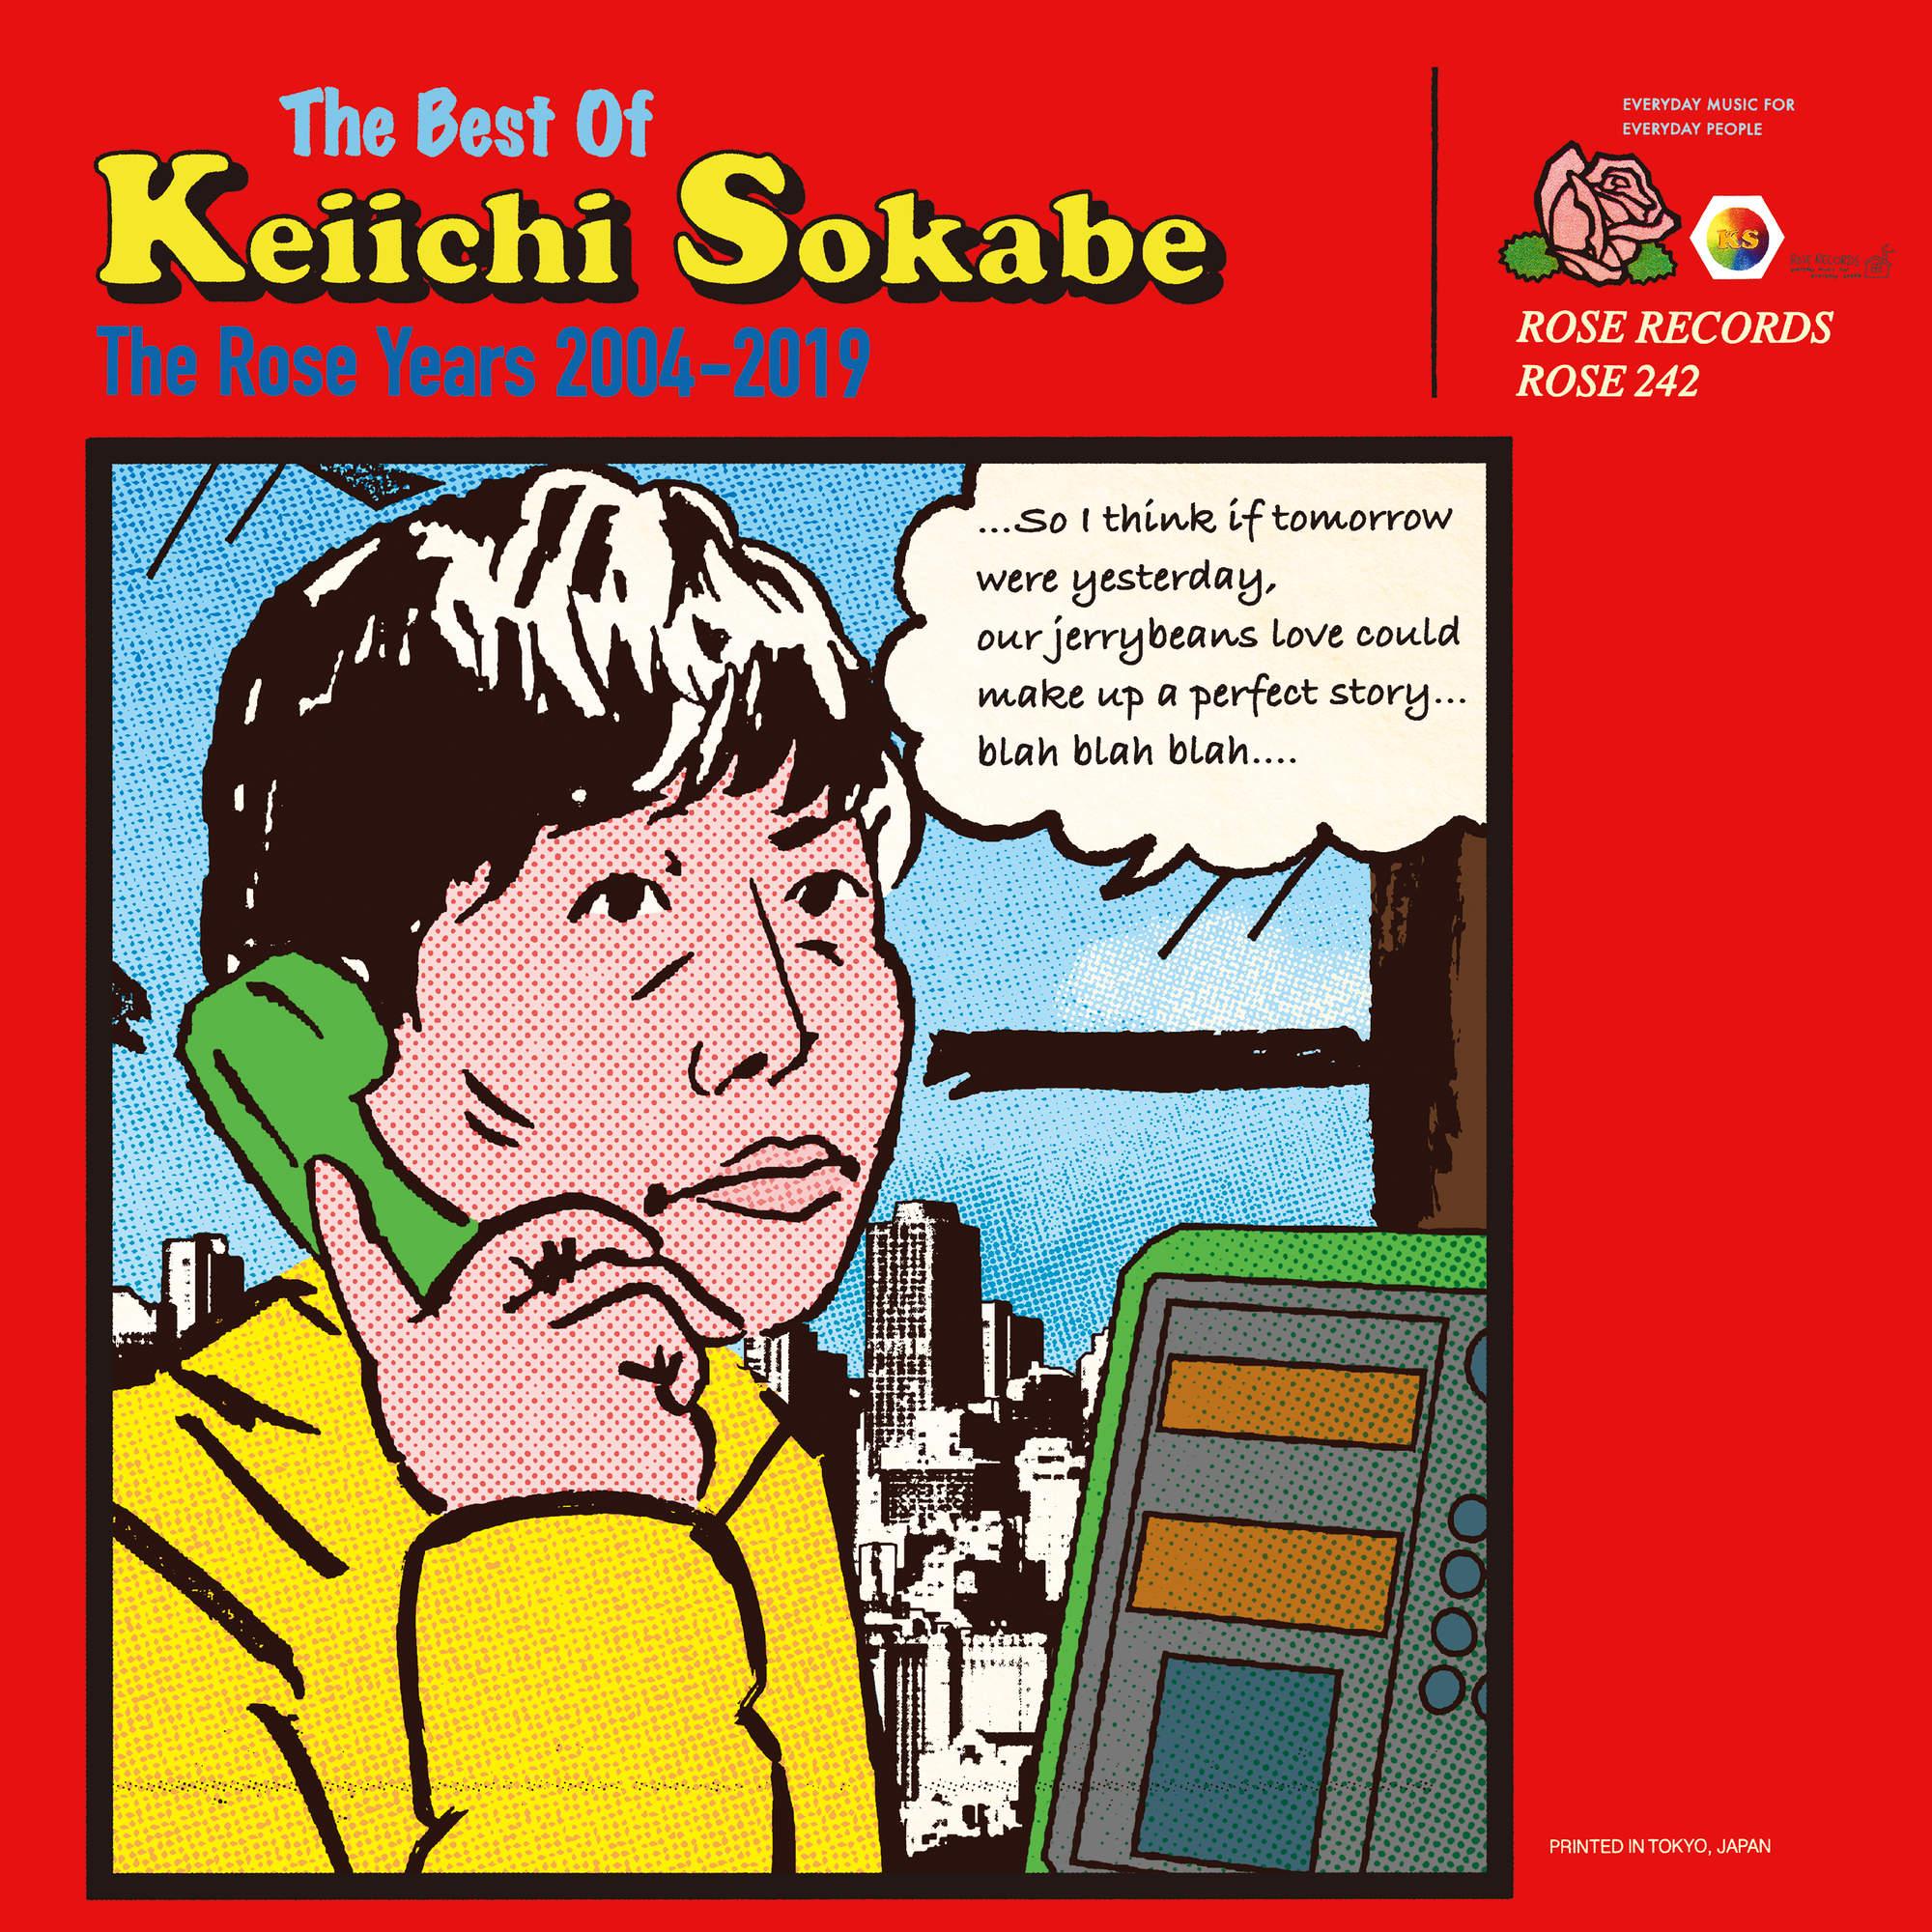 曽我部恵一BEST盤(CD&LP)、『There is no place like Tokyo today!』 LP 本日発売日です